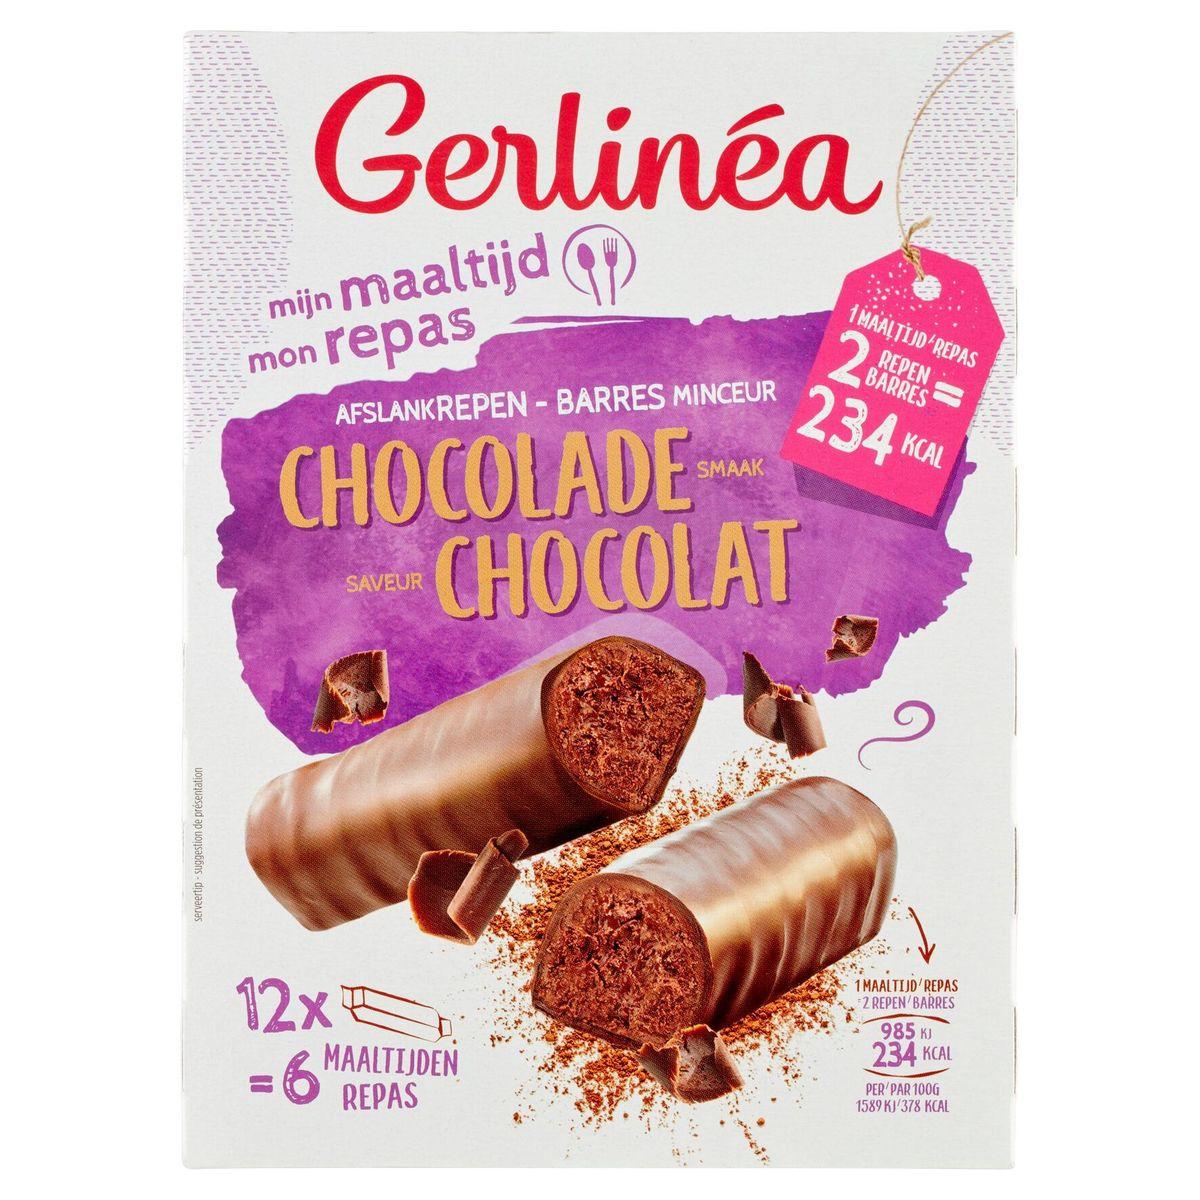 Gerlinéa Mon Repas Barres Minceur Saveur Chocolat 12 x 31 g